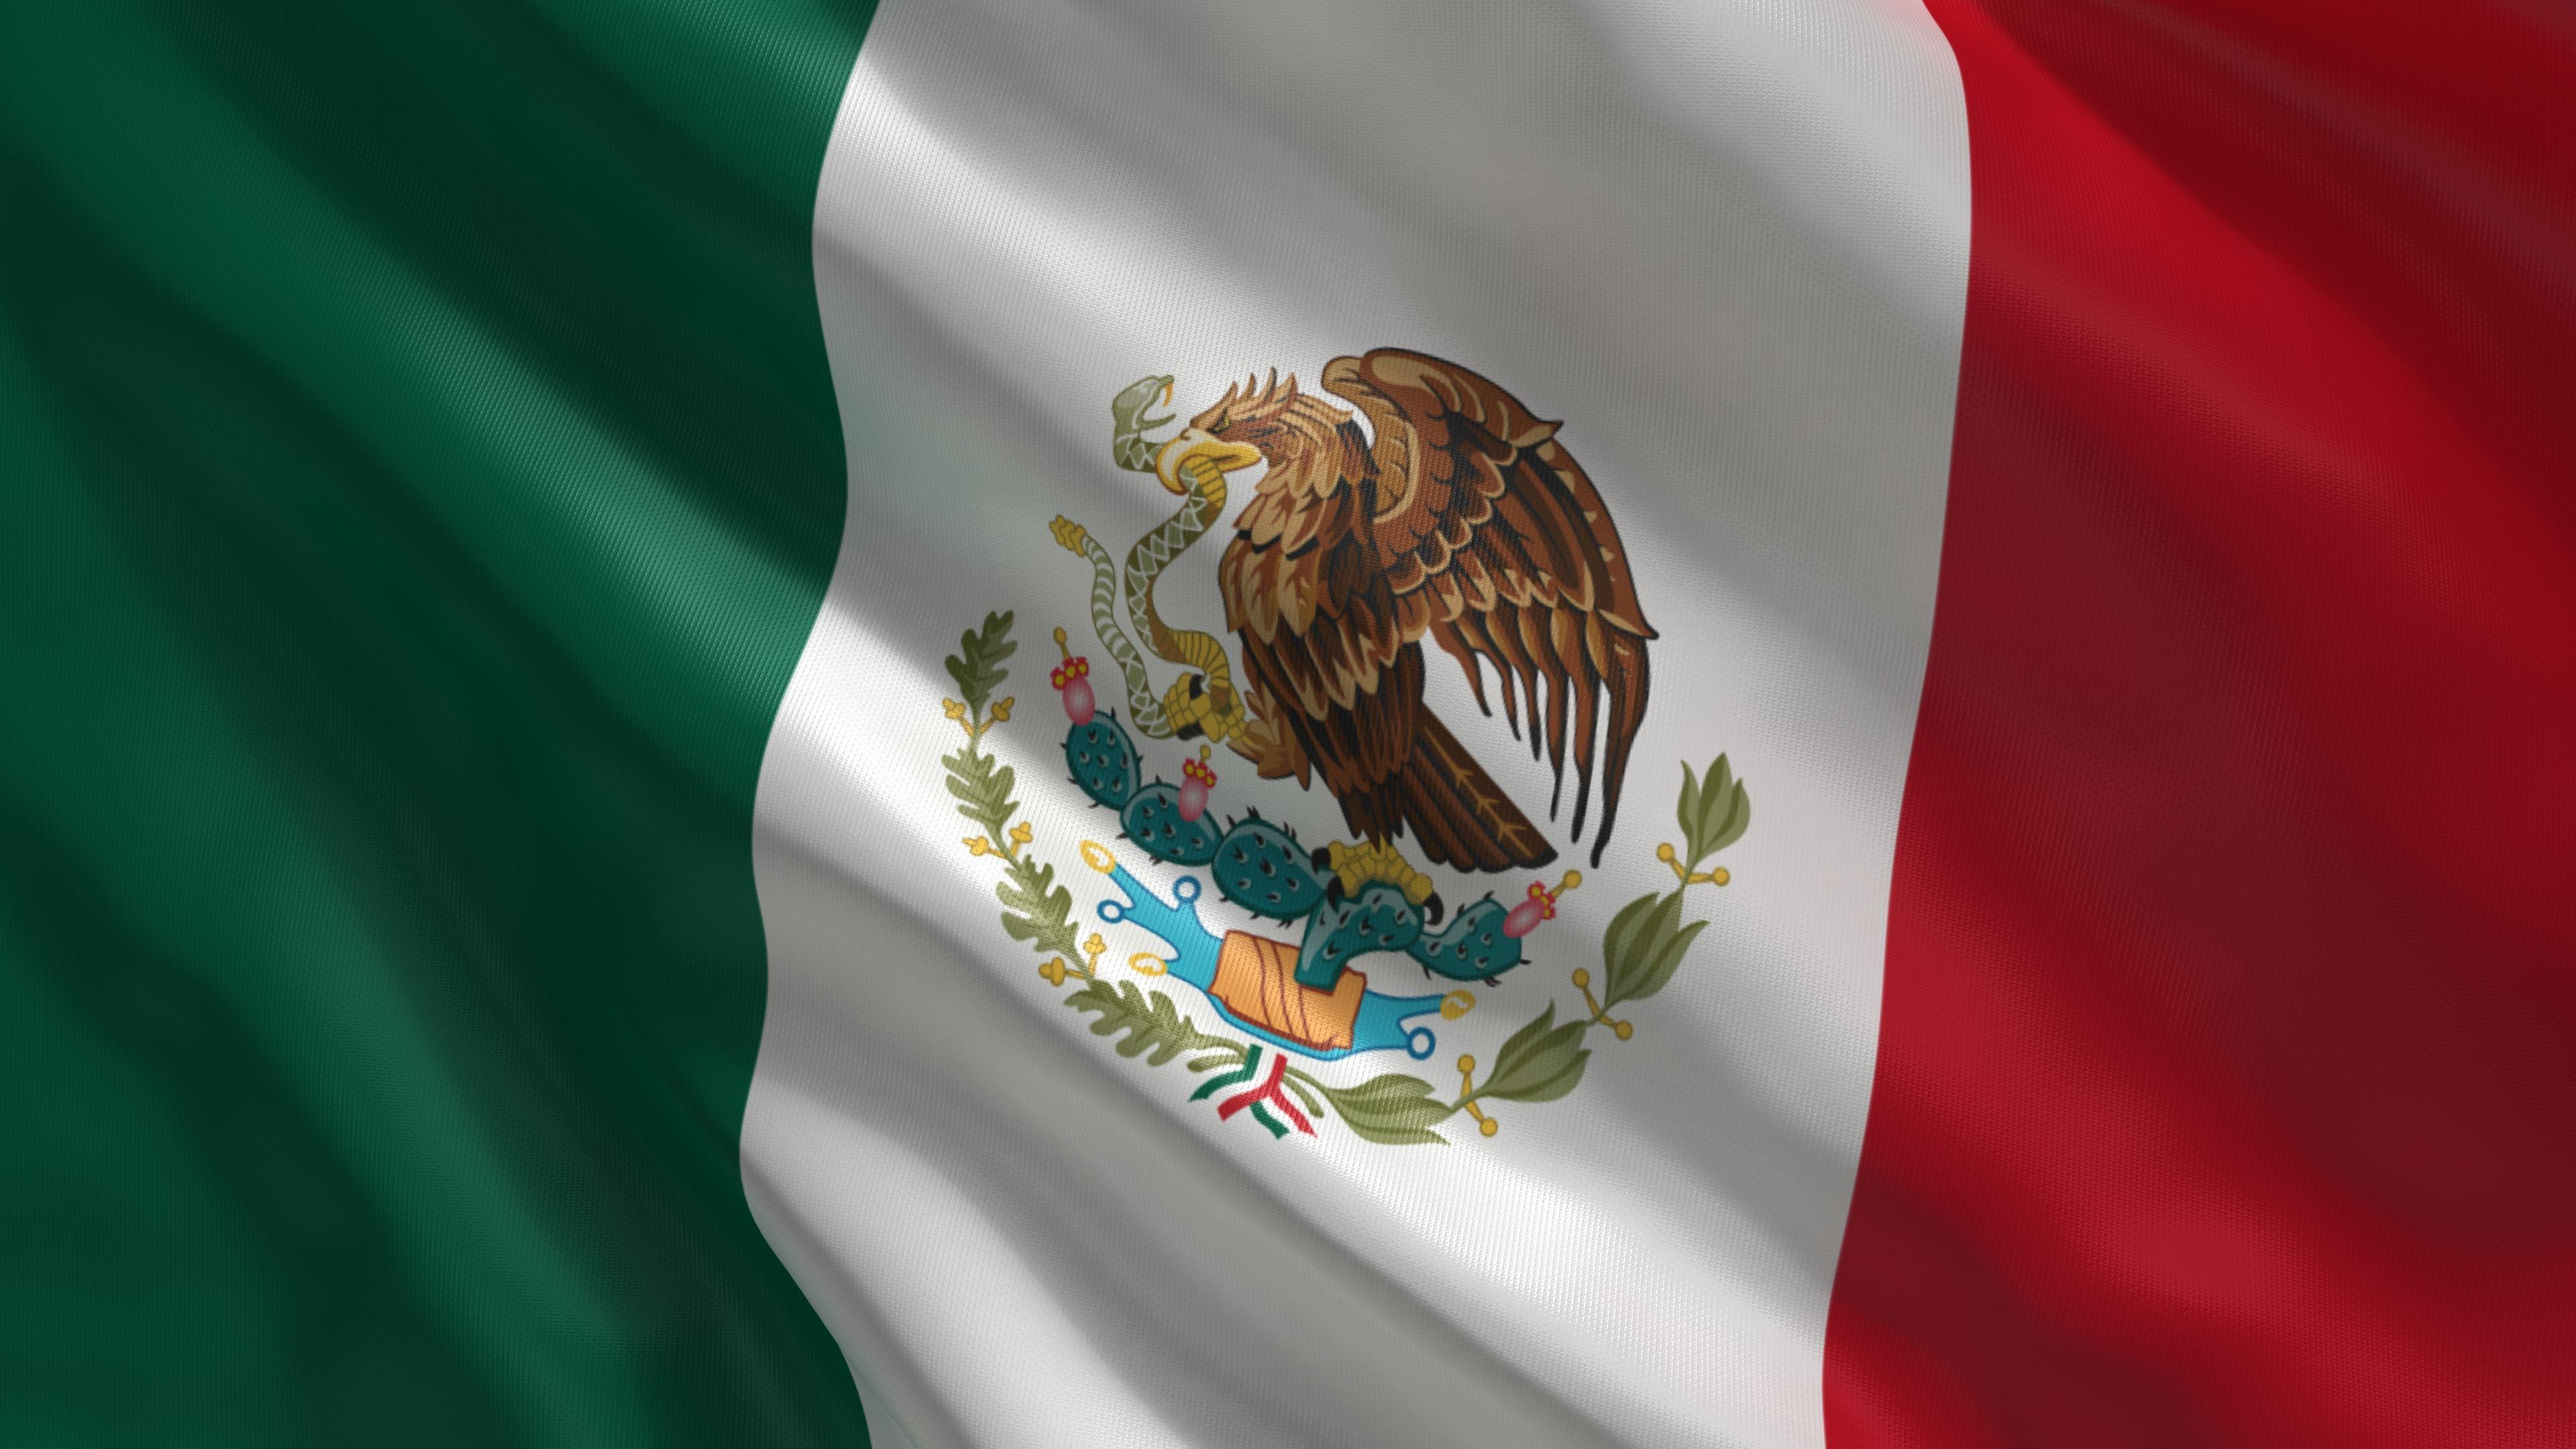 Bandera Mexico Wallpapers Hd